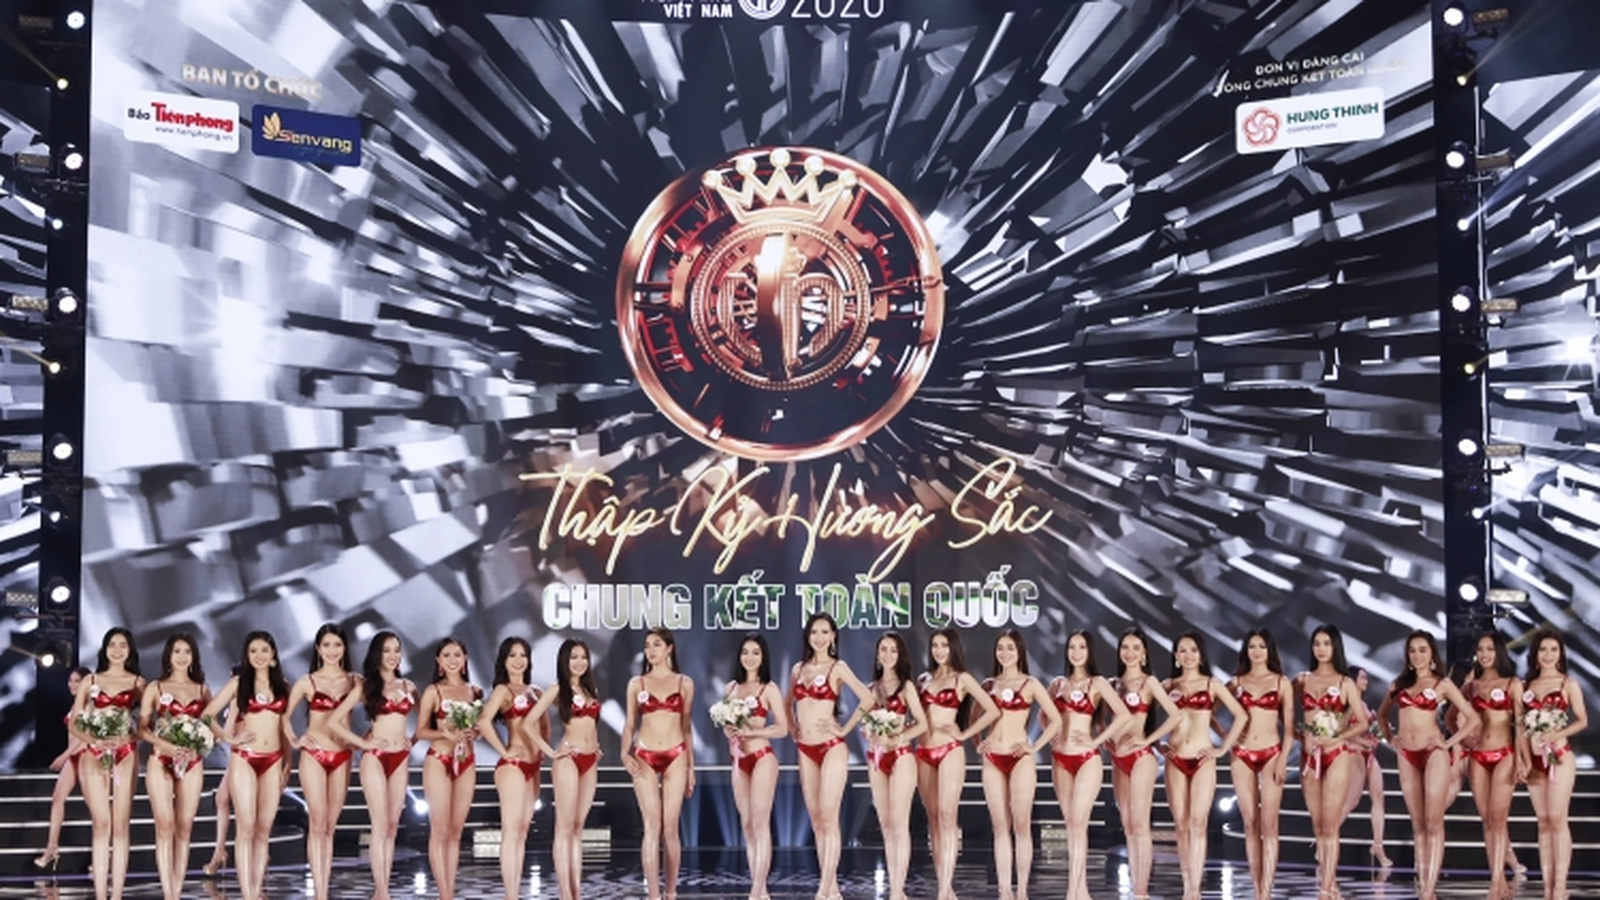 """Xem lại phần thi bikini """"nóng bỏng"""" của Top 22 Hoa hậu Việt Nam 2020"""